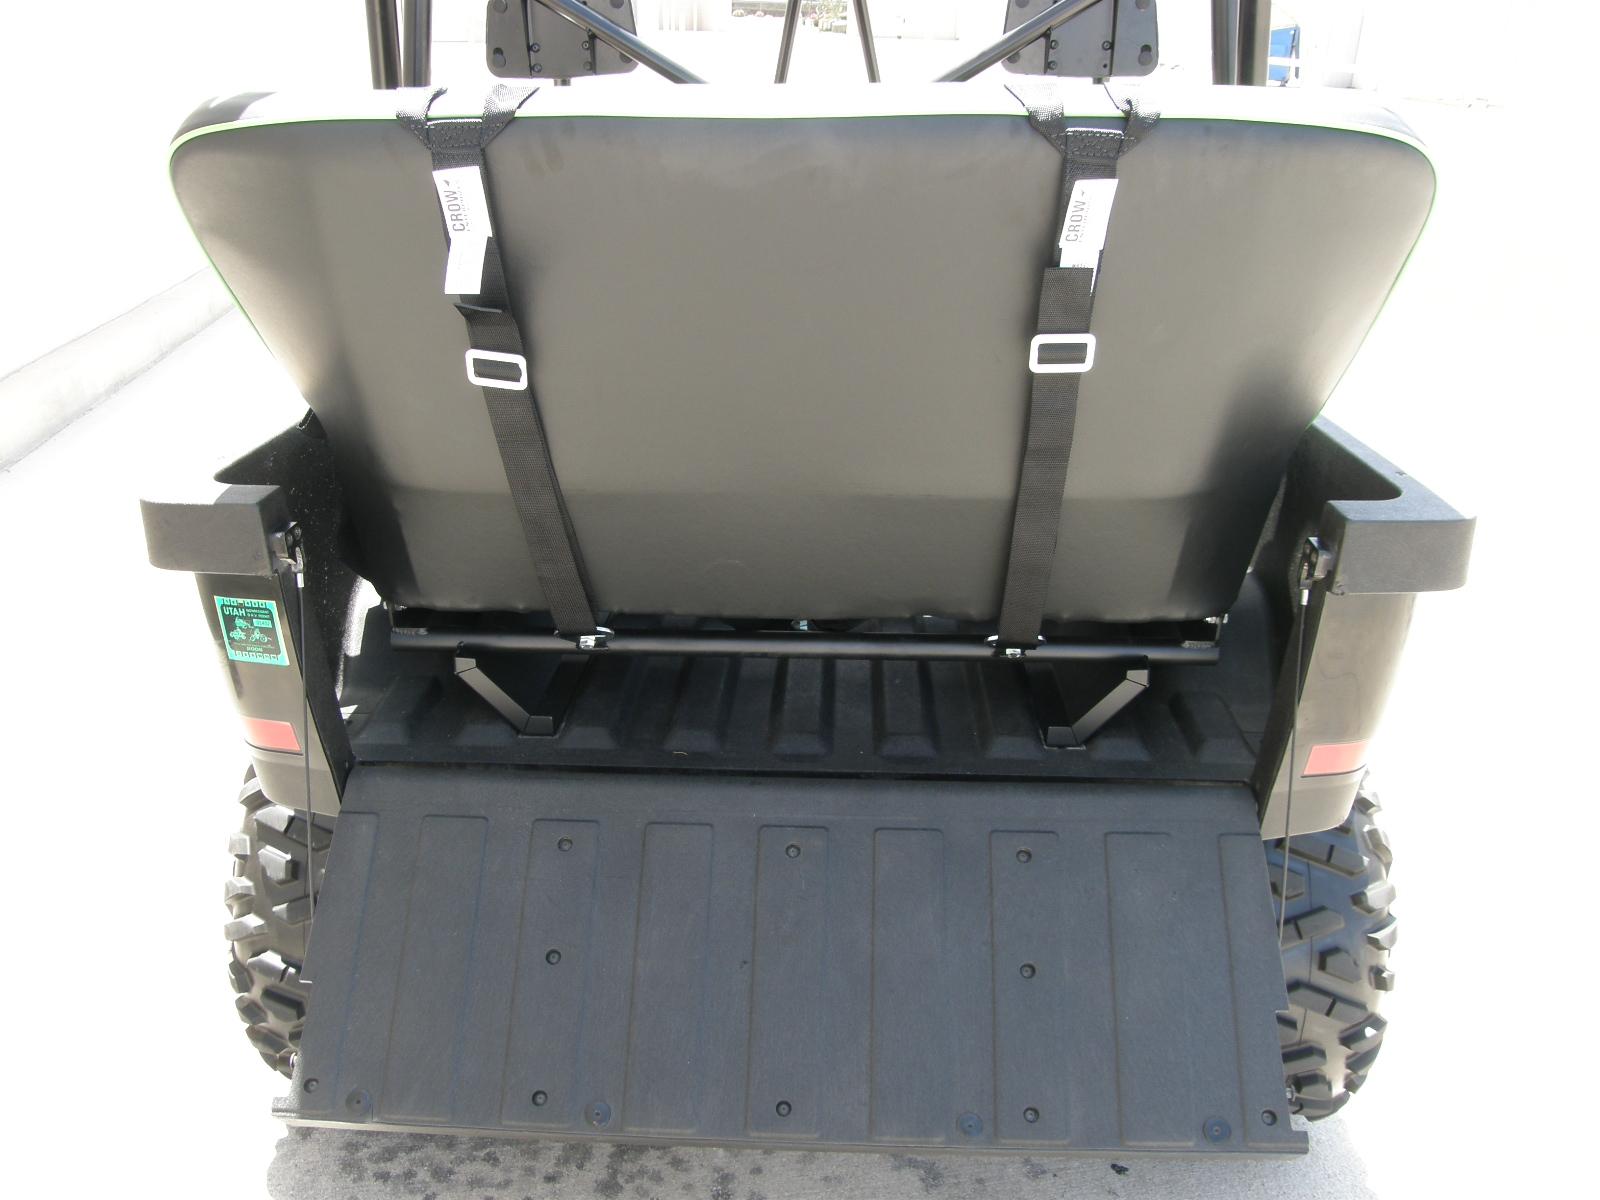 PRL310_vehicle (4).JPG